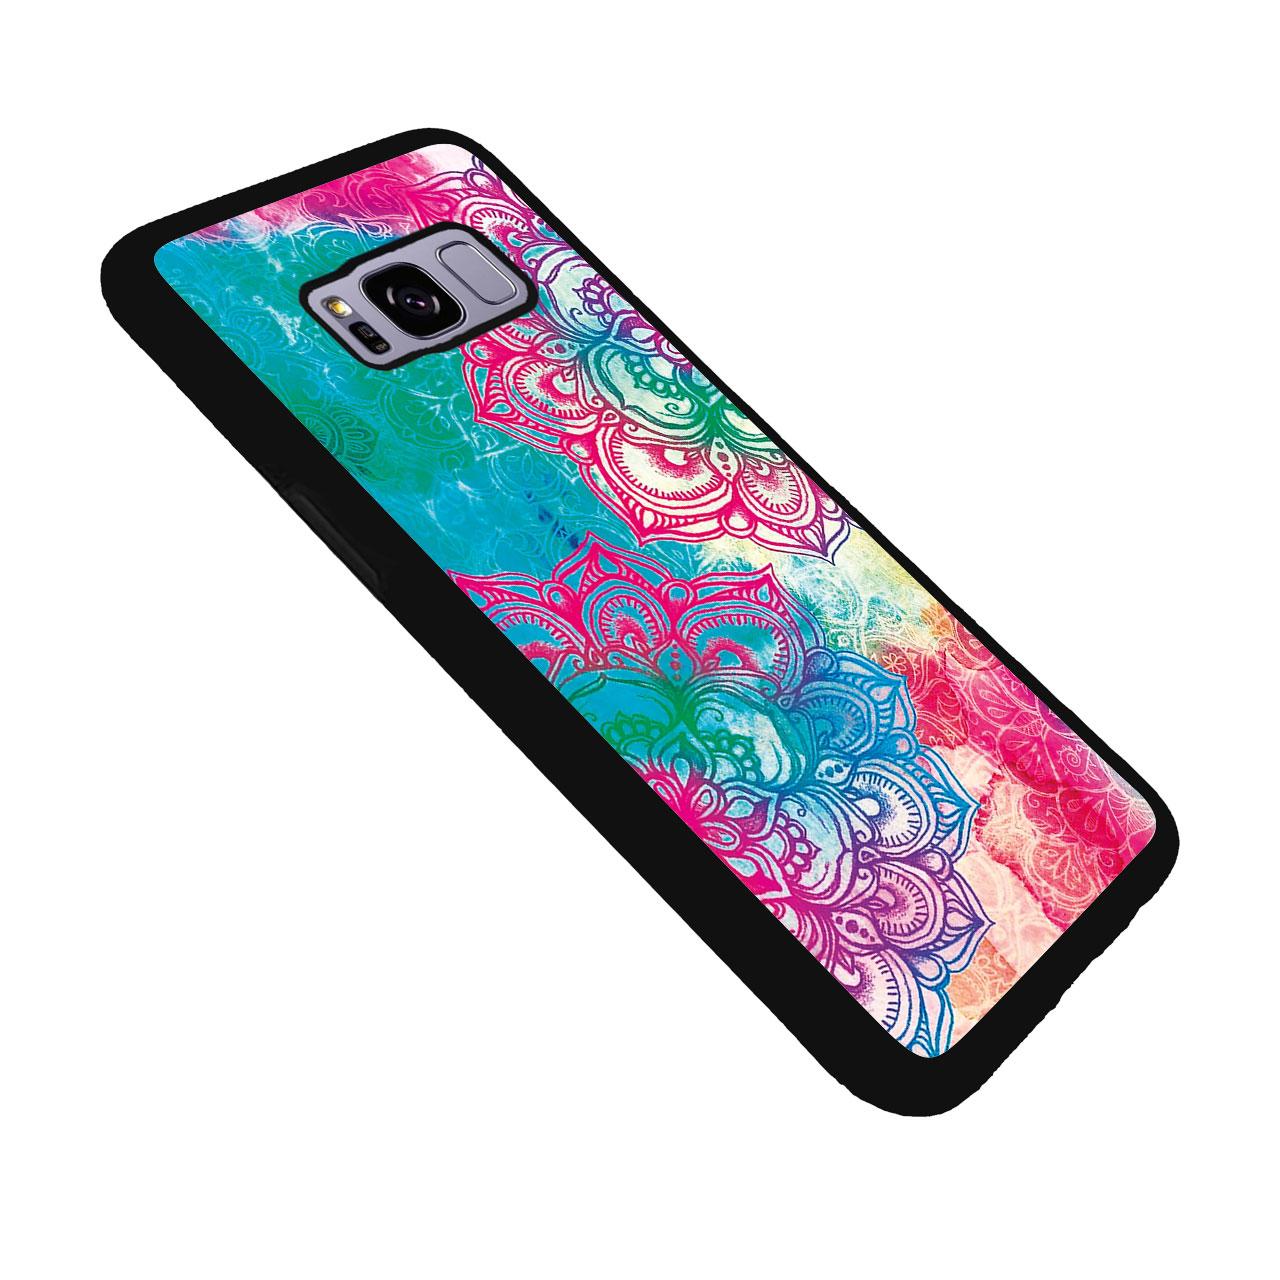 کاور زیزیپ مدل 131G - 2d مناسب برای گوشی موبایل سامسونگ galaxy s8